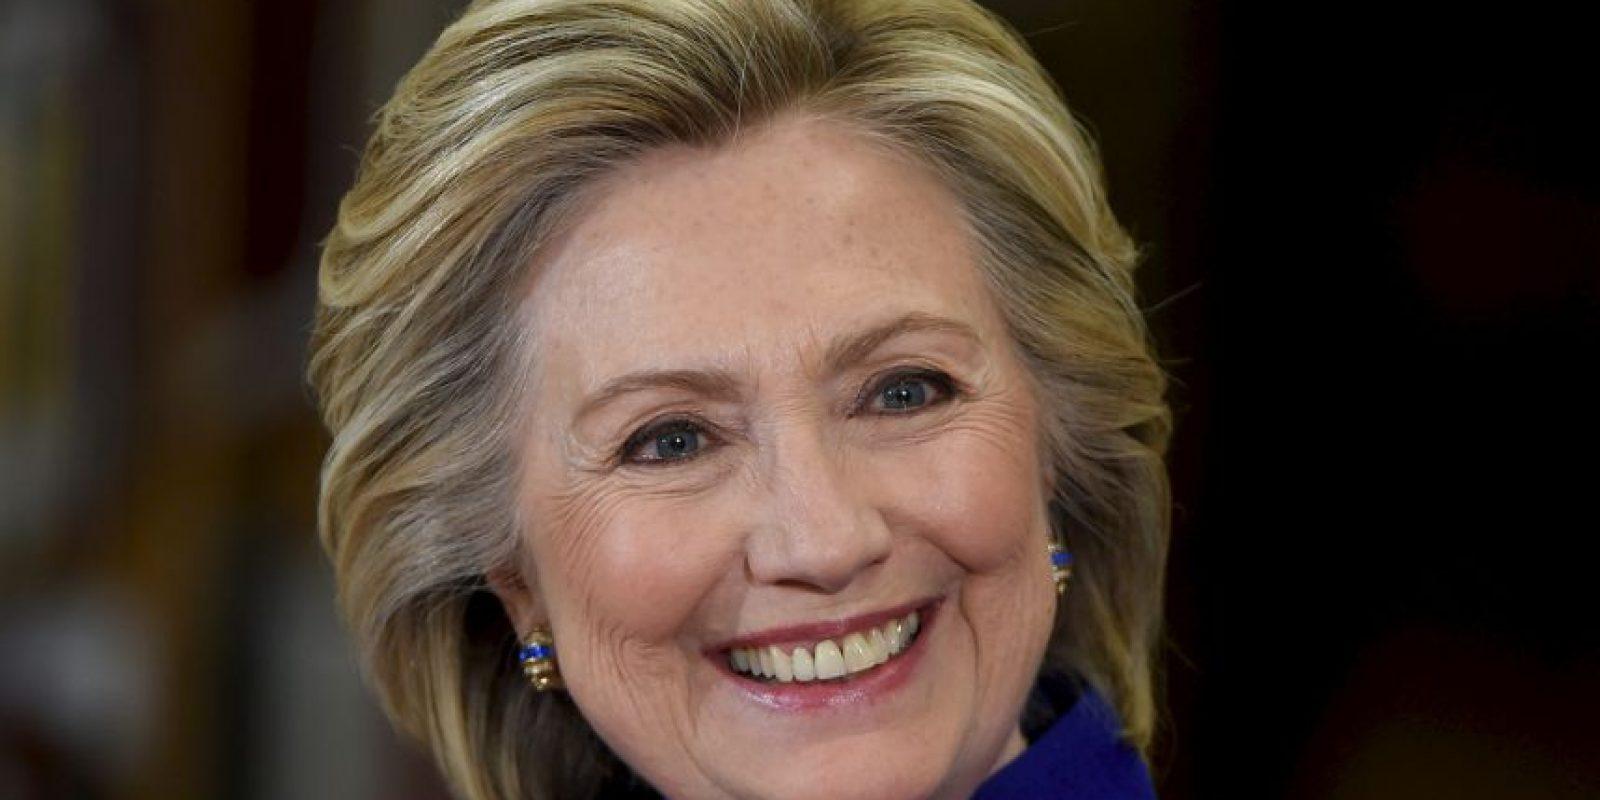 La exsecretaria de Estado declaró que ese fue el total de sus impuestos en los últimos 8 años. Foto:Getty Images